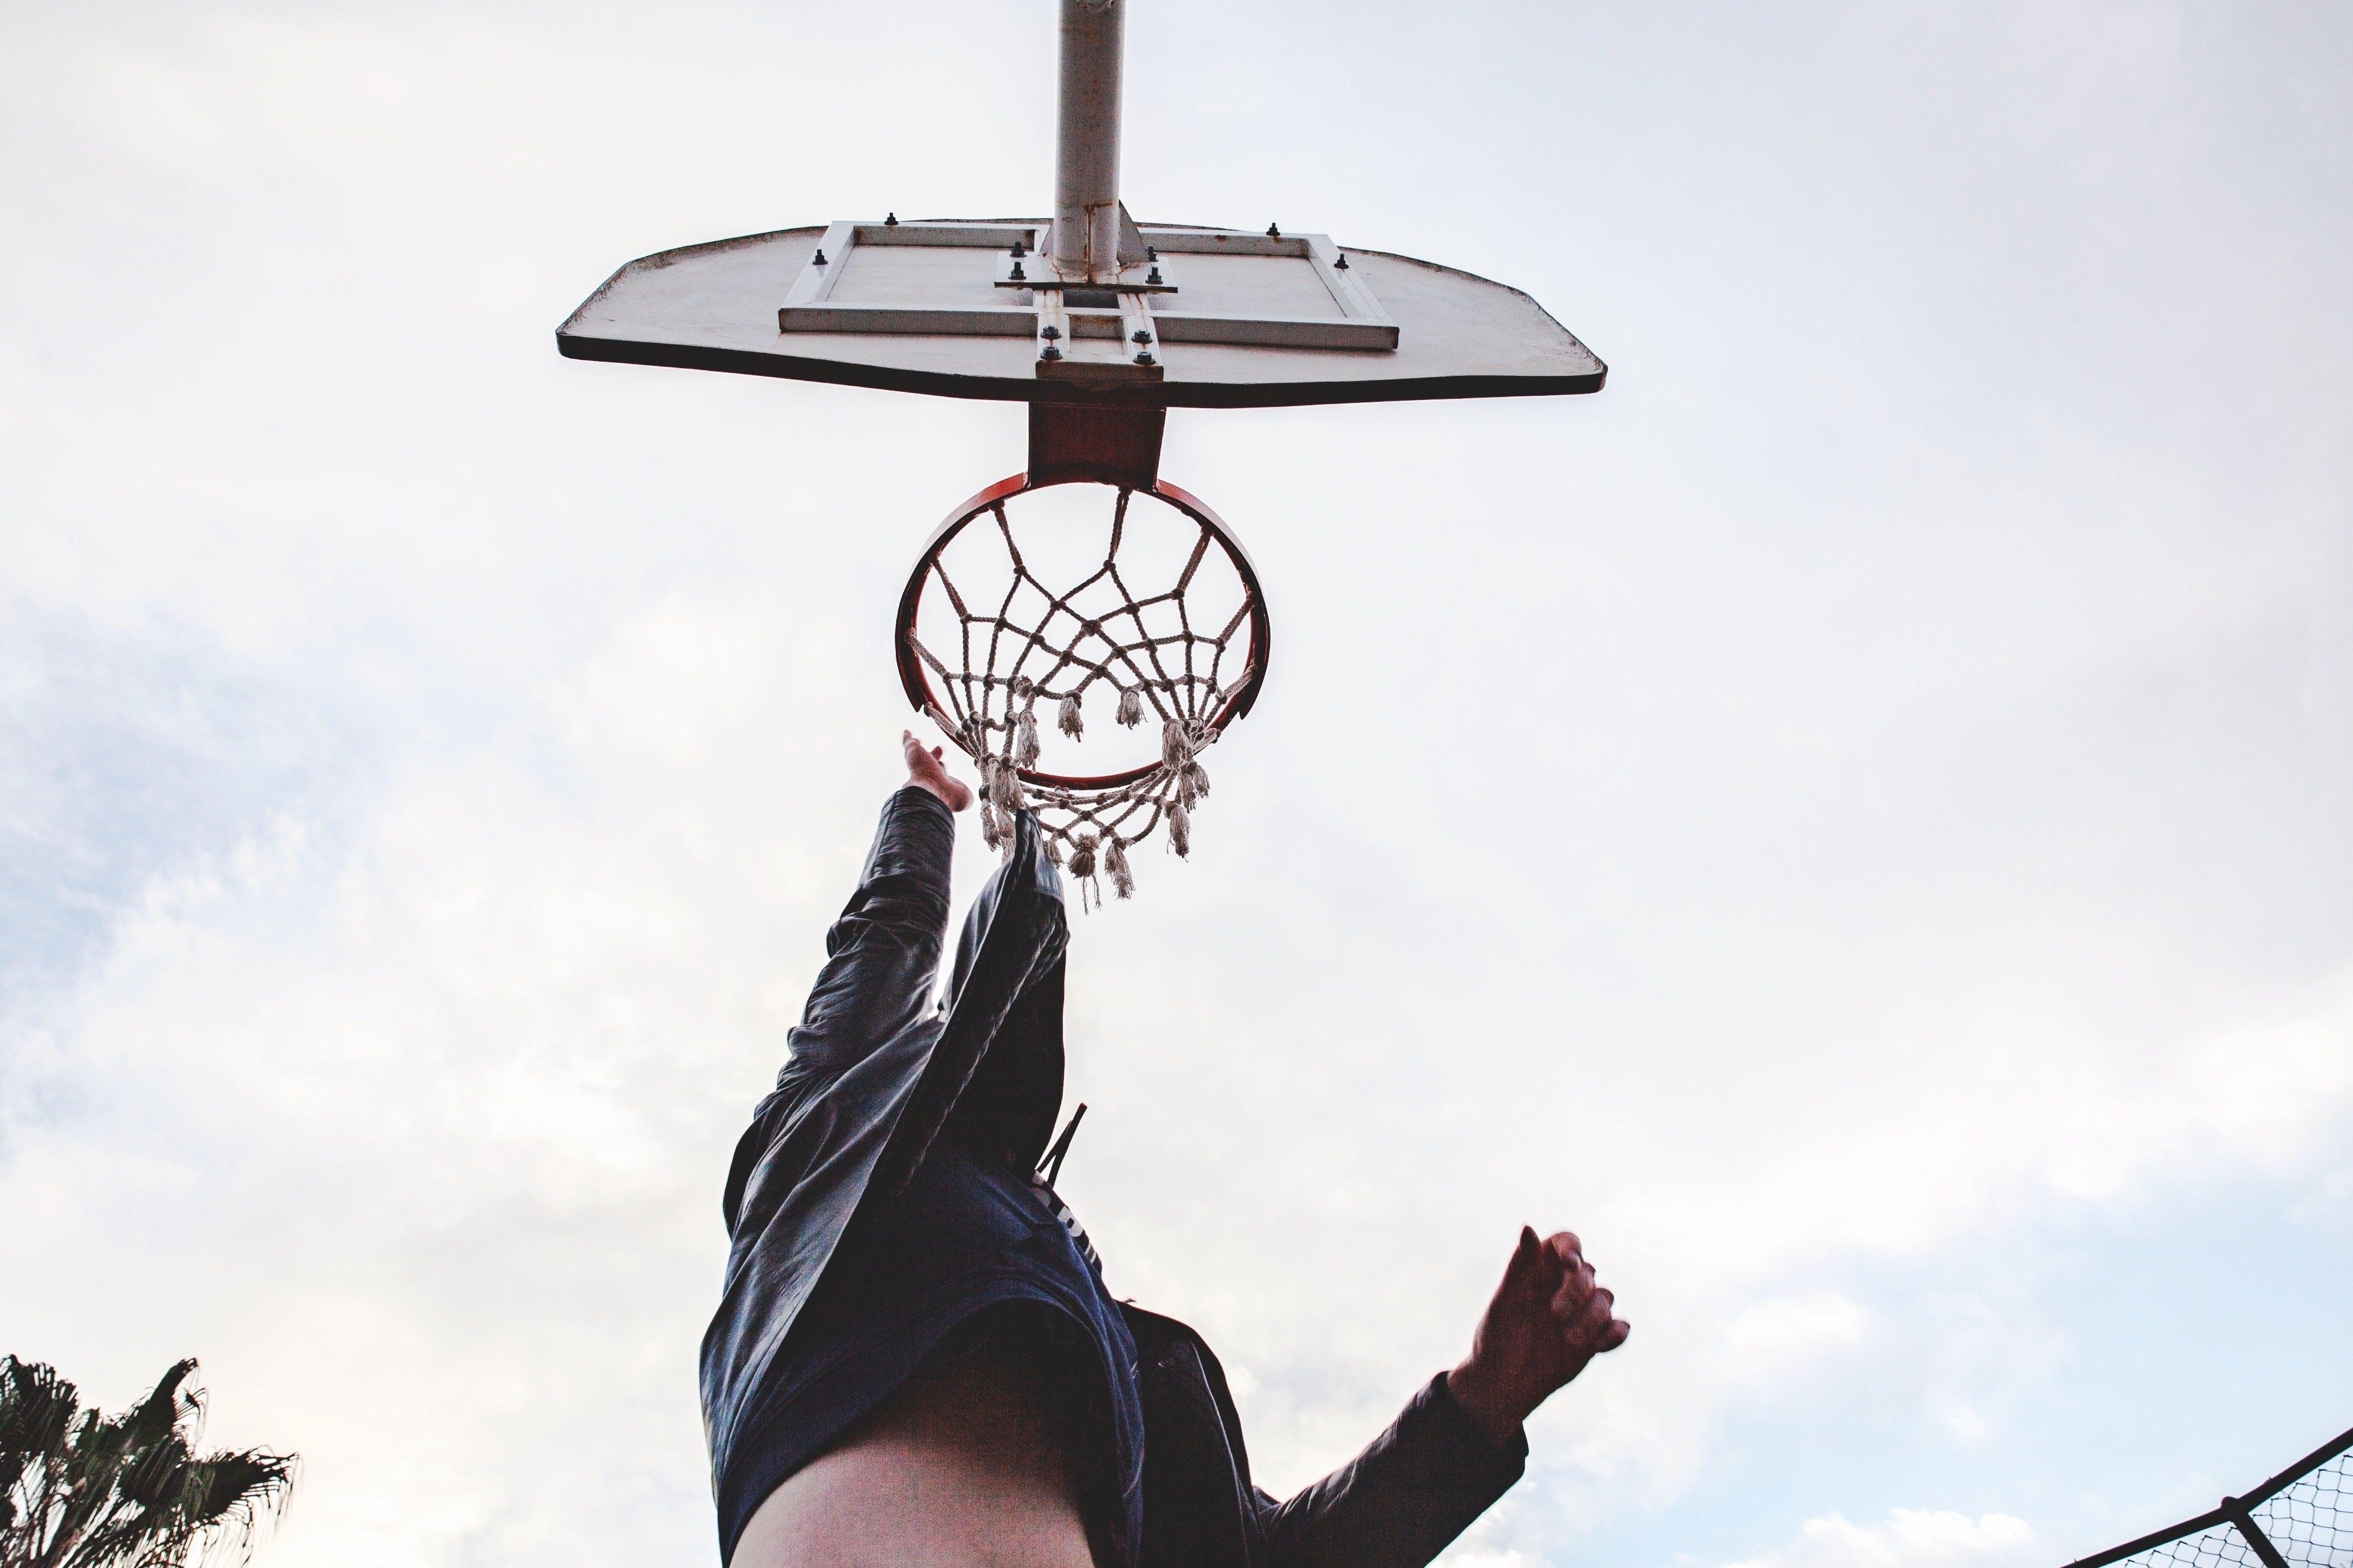 Free stock photo of basket, basketball, basketball basket, basketball court